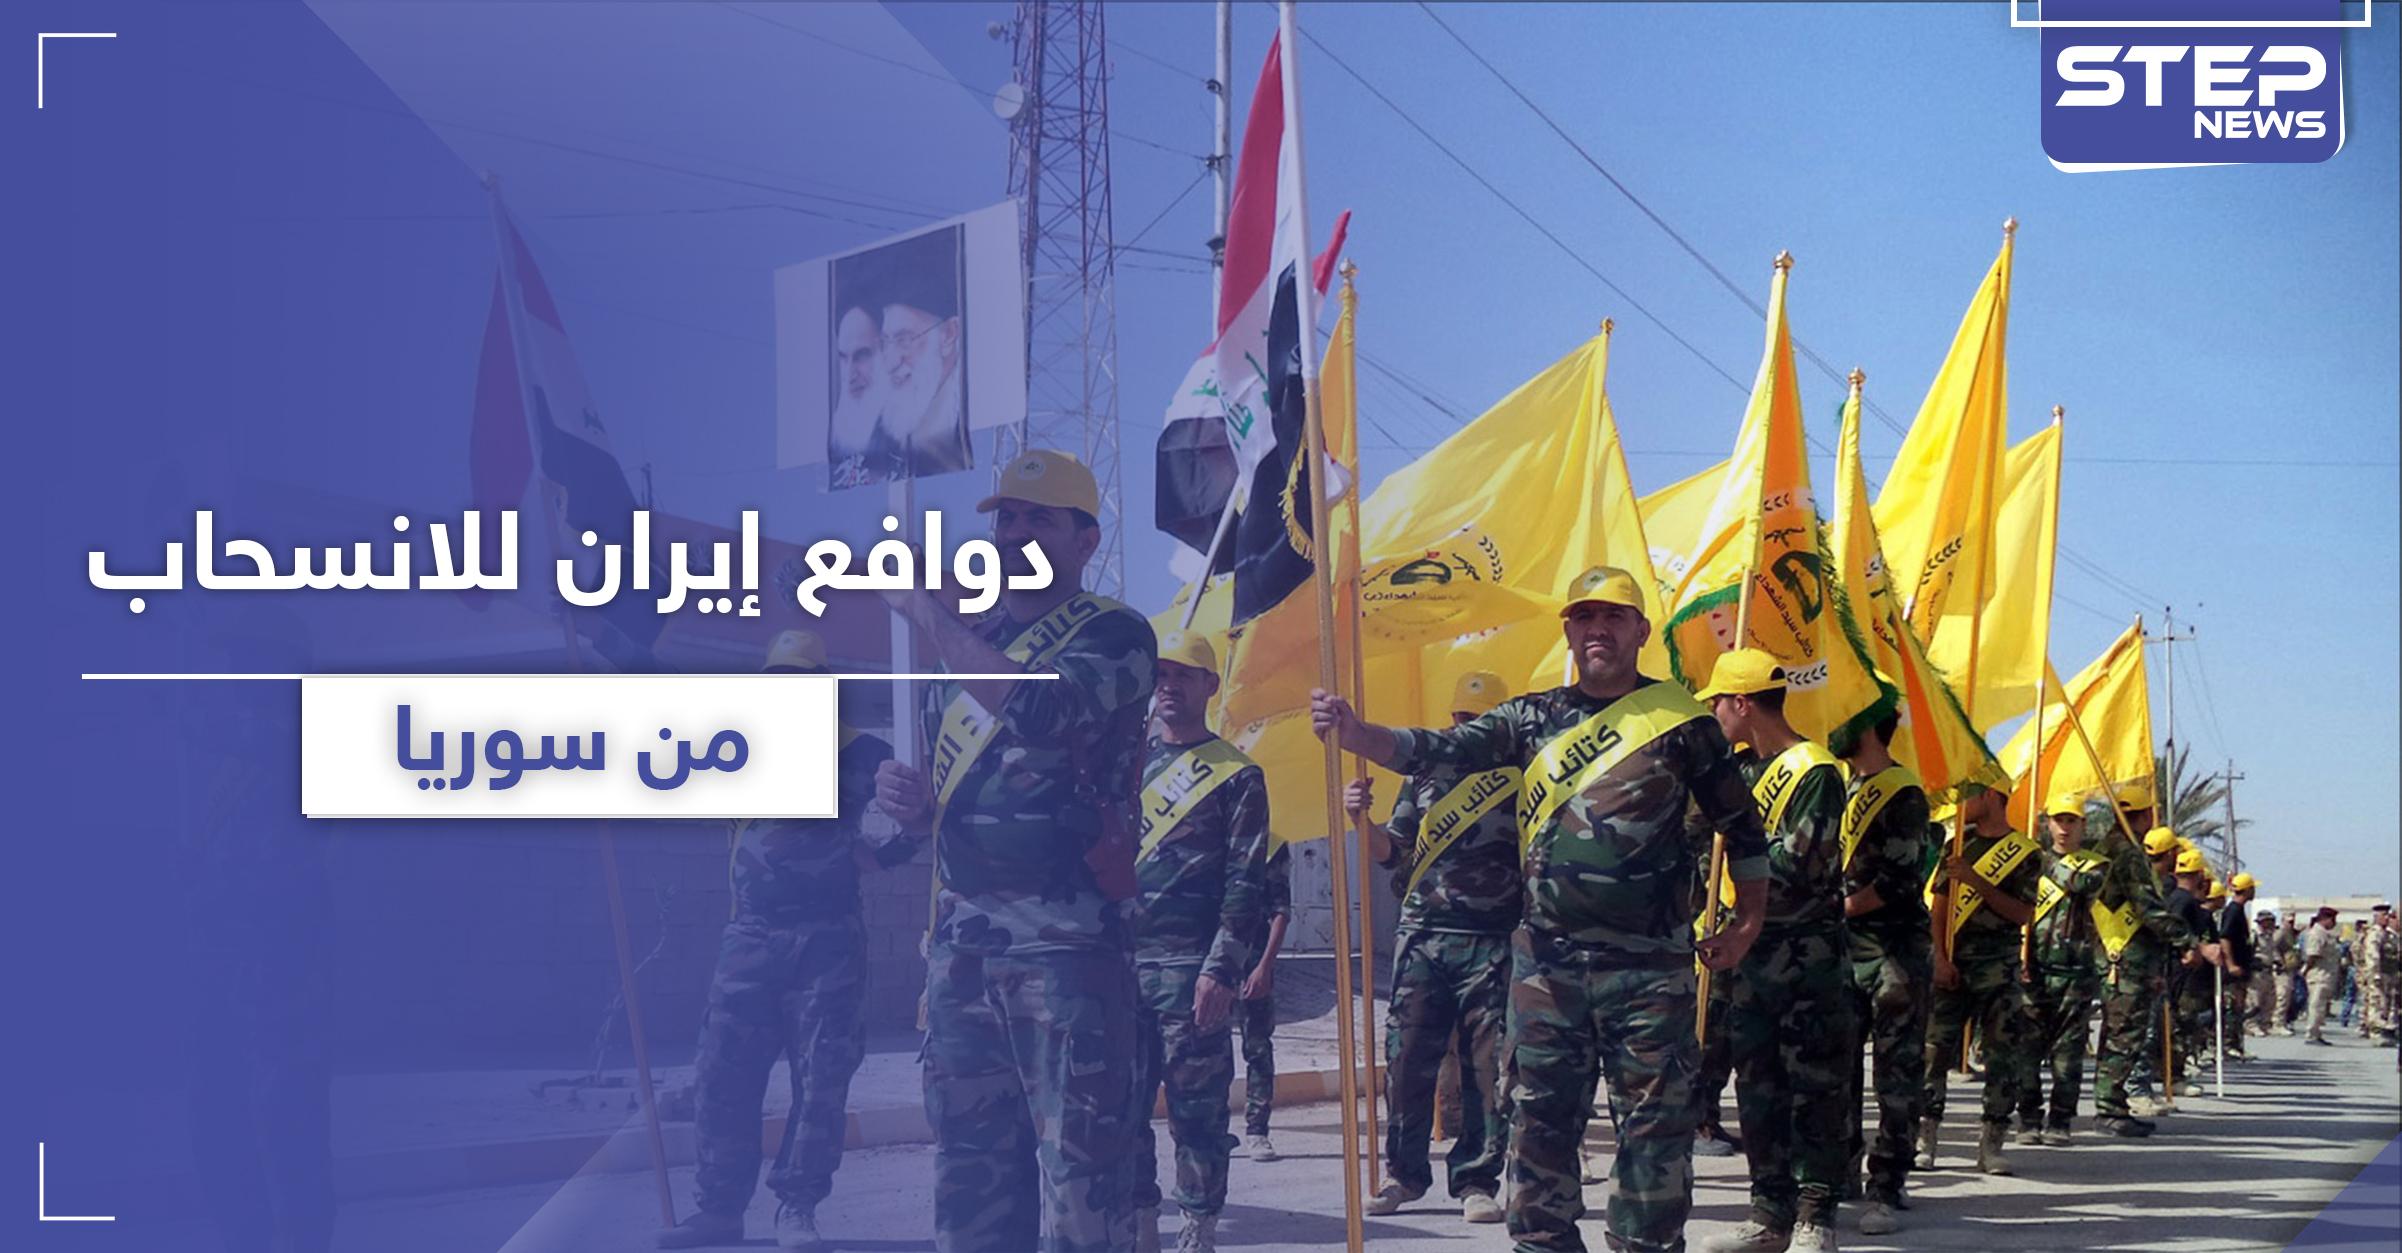 مسؤول أمريكي: كورونا دمر إيران.. وموقف الأسد وروسيا سيكون أحد أسباب الانسحاب من سوريا